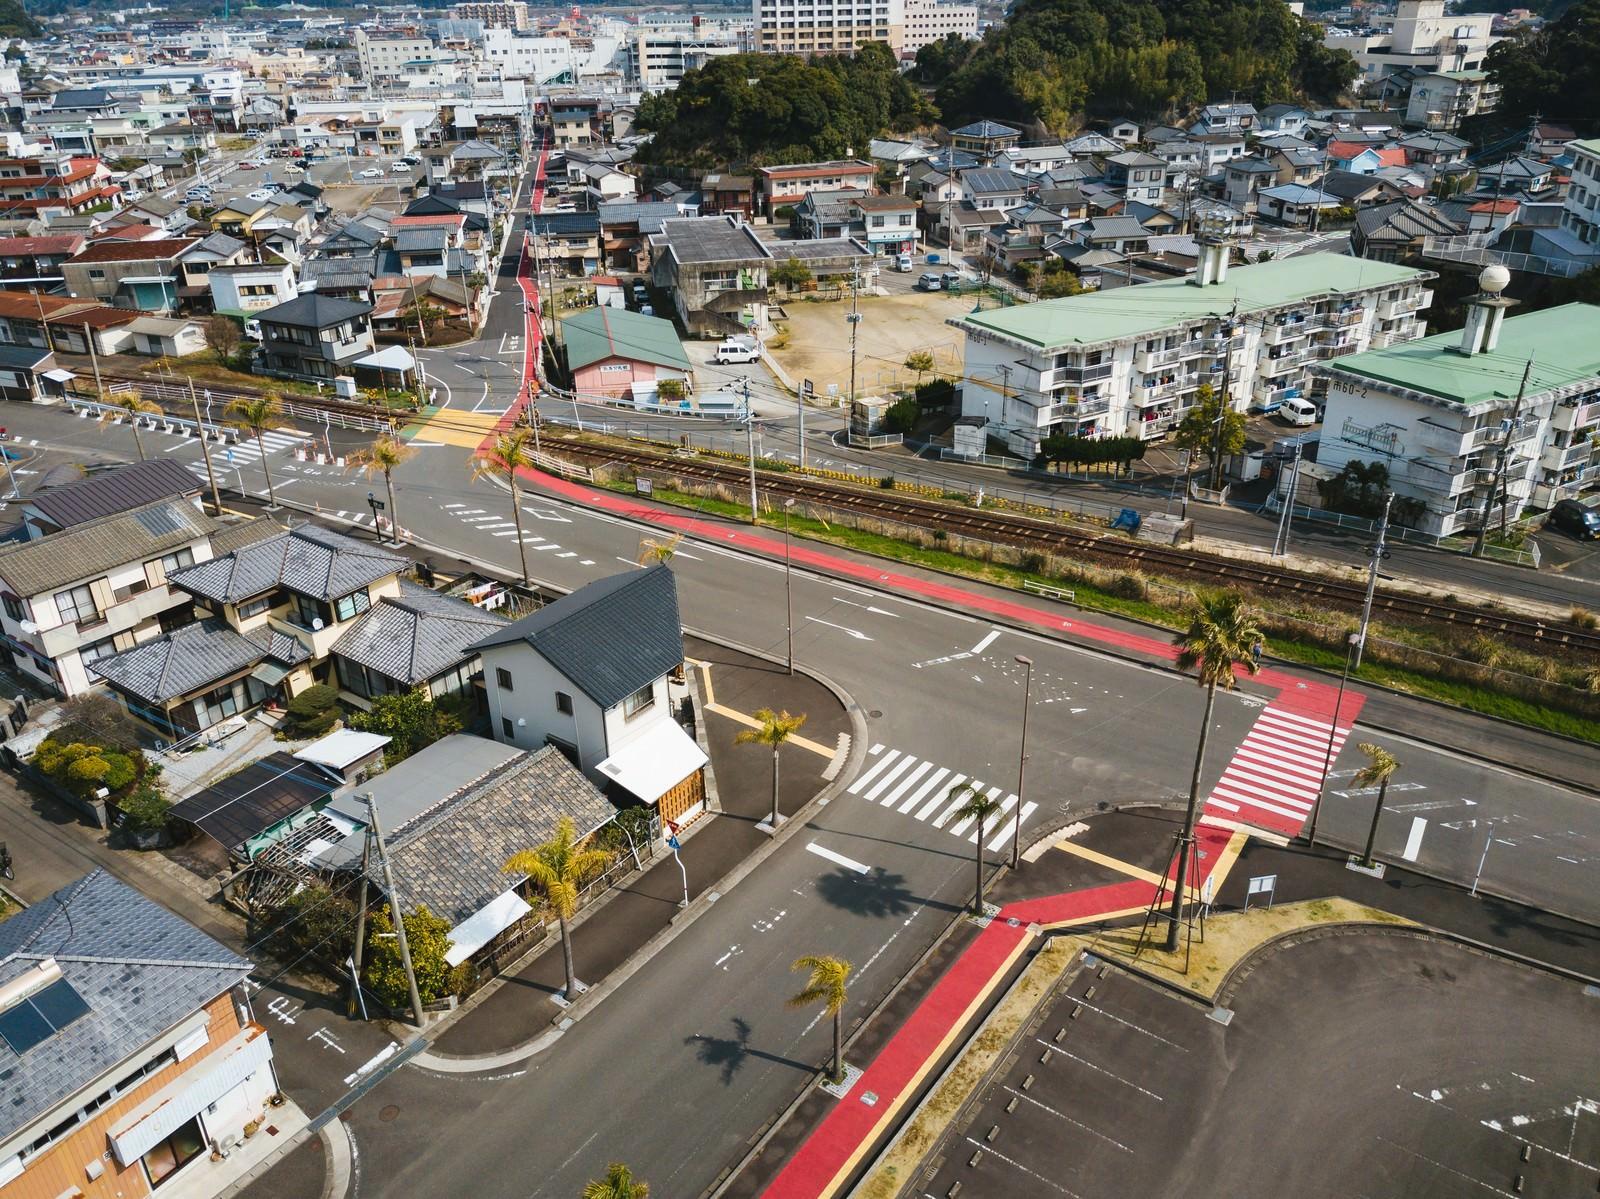 「油津(あぶらつ)の街並みと赤い歩道(レッドカーペット)」の写真